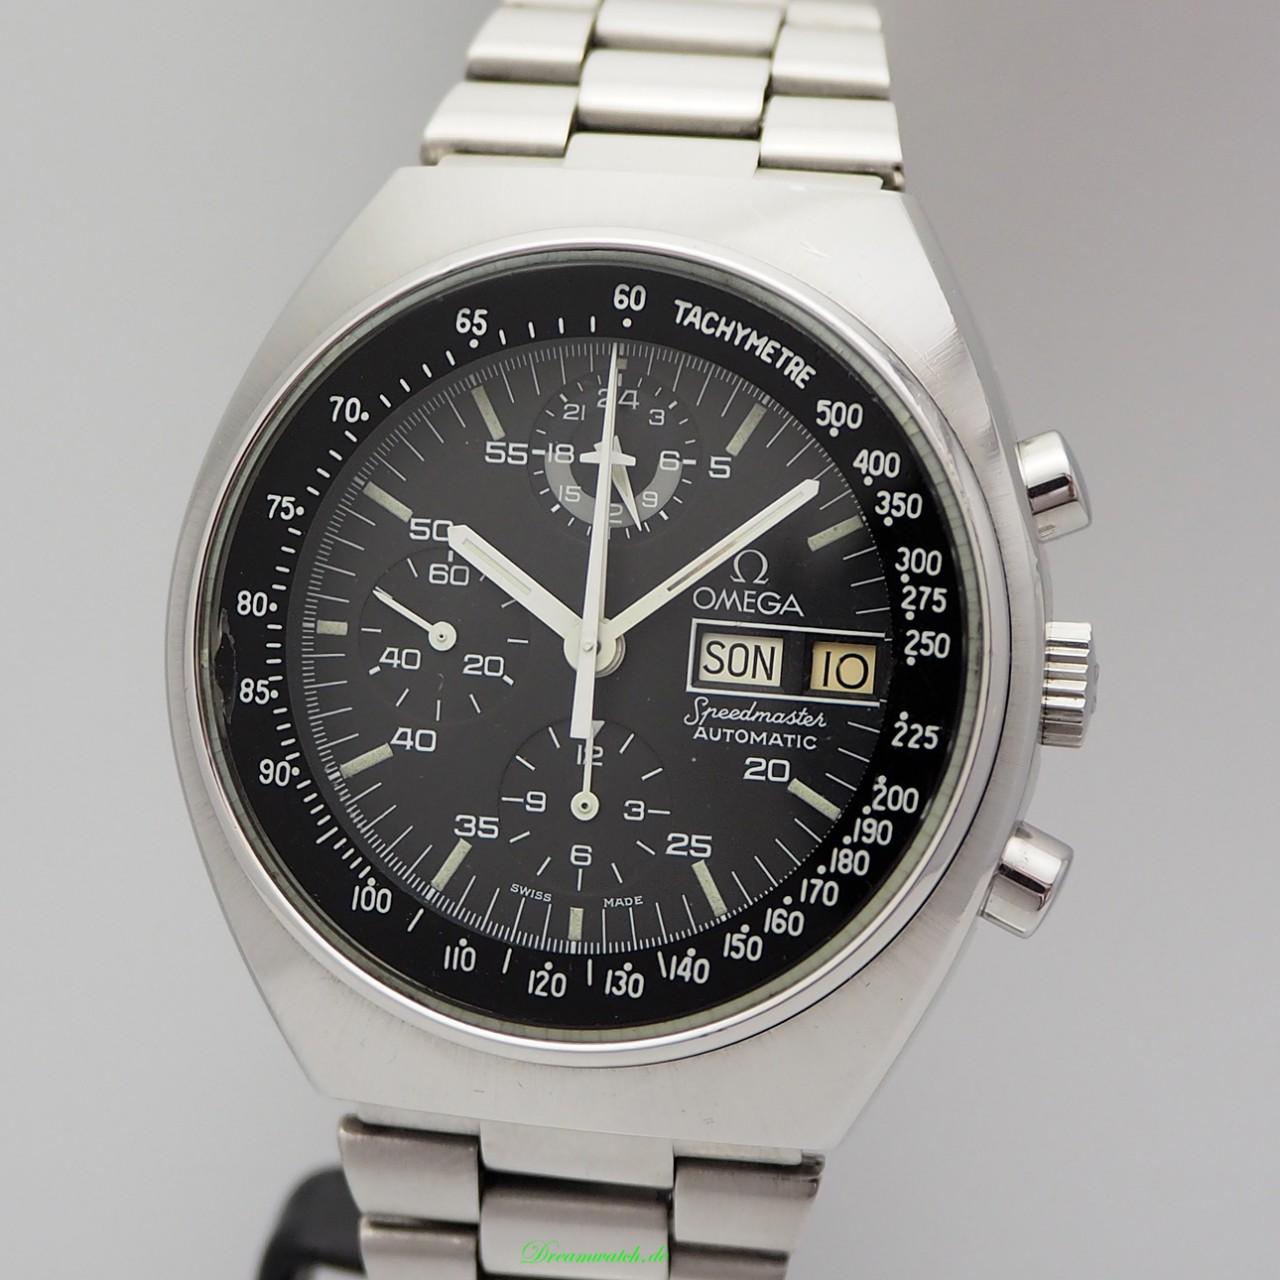 Omega Speedmaster Mark 4.5 Chronograph 175.0012